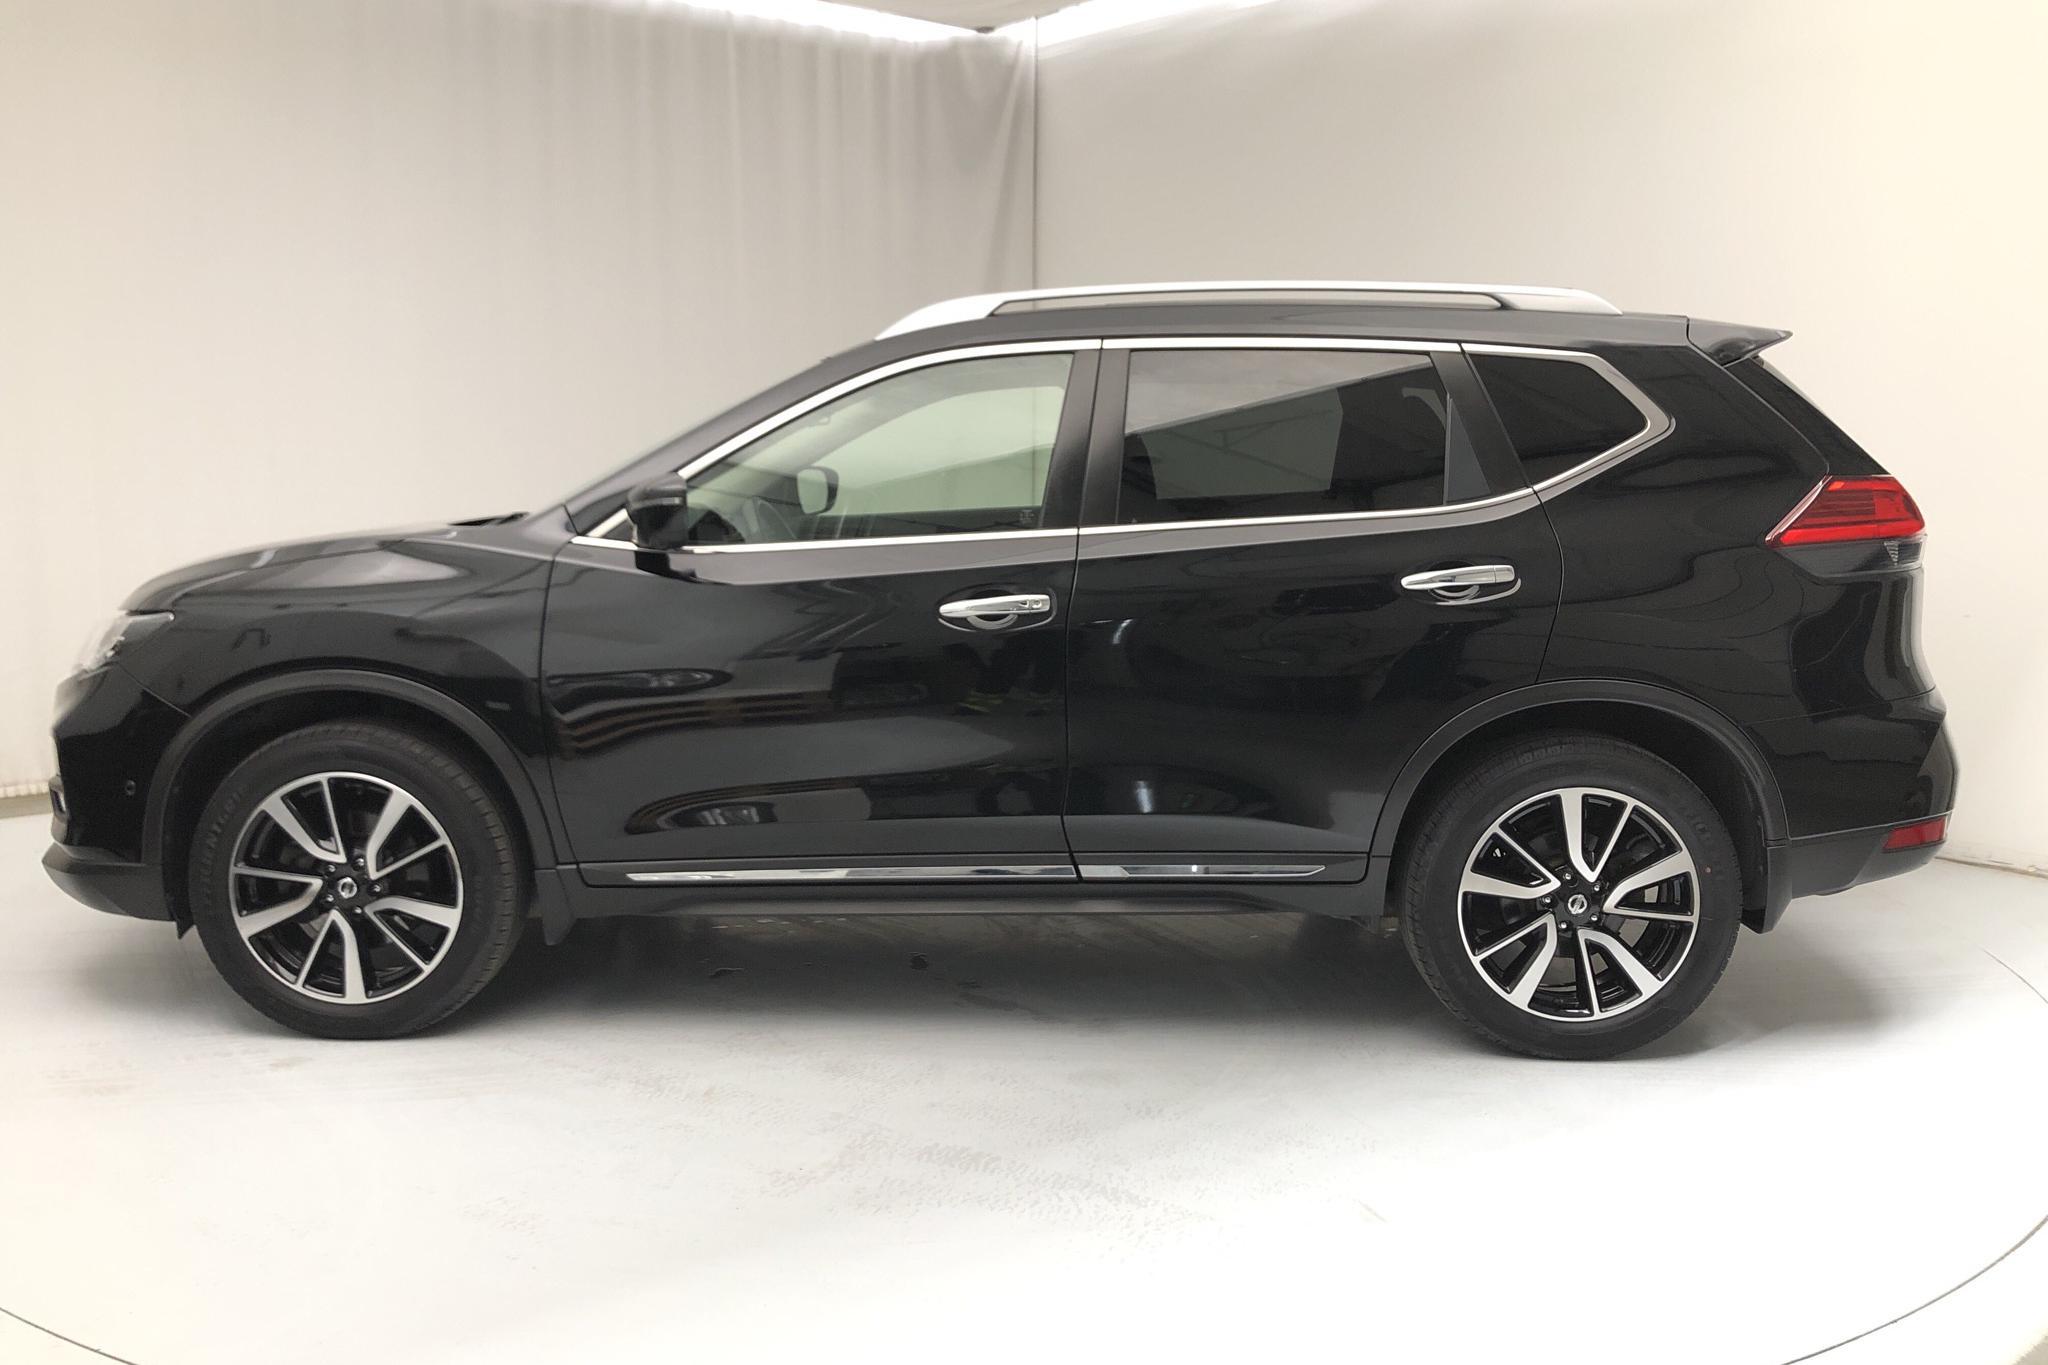 Nissan X-trail 1.6 dCi 2WD (130hk) - 5 606 mil - Automat - svart - 2017